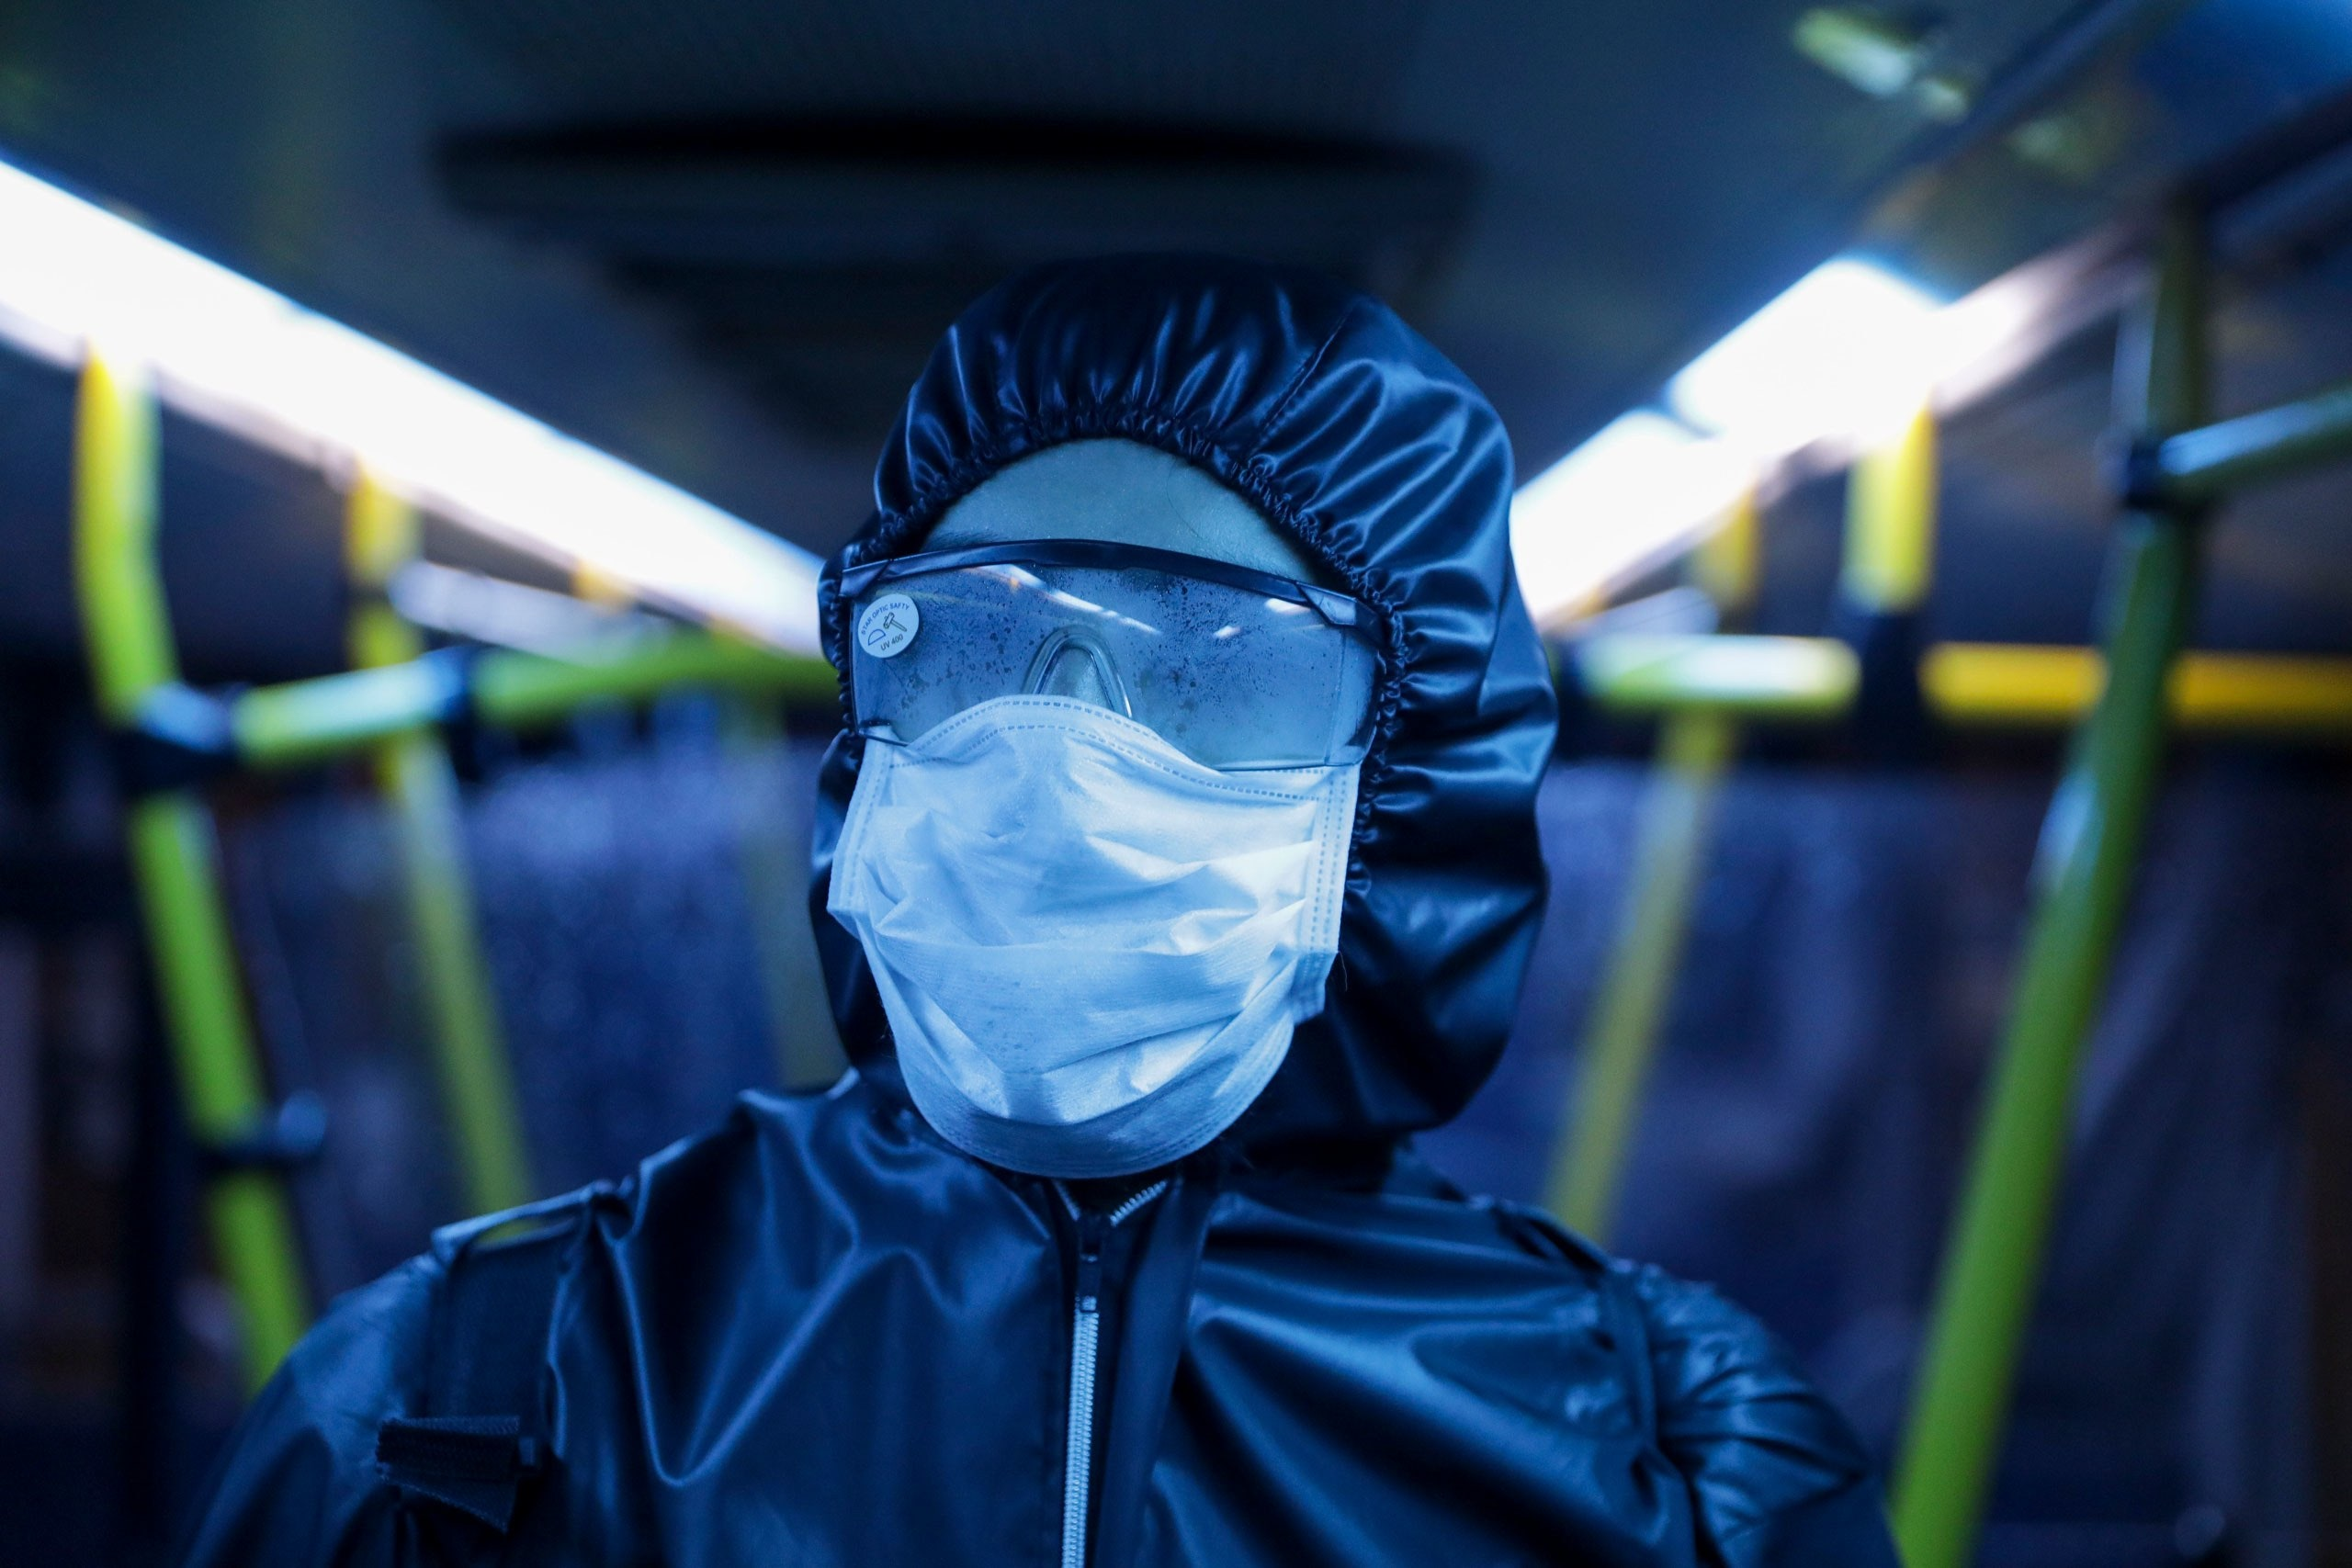 وباء كورونا.. 12 إصابة جديدة والحصيلة ترتفع إلى 134 حالة